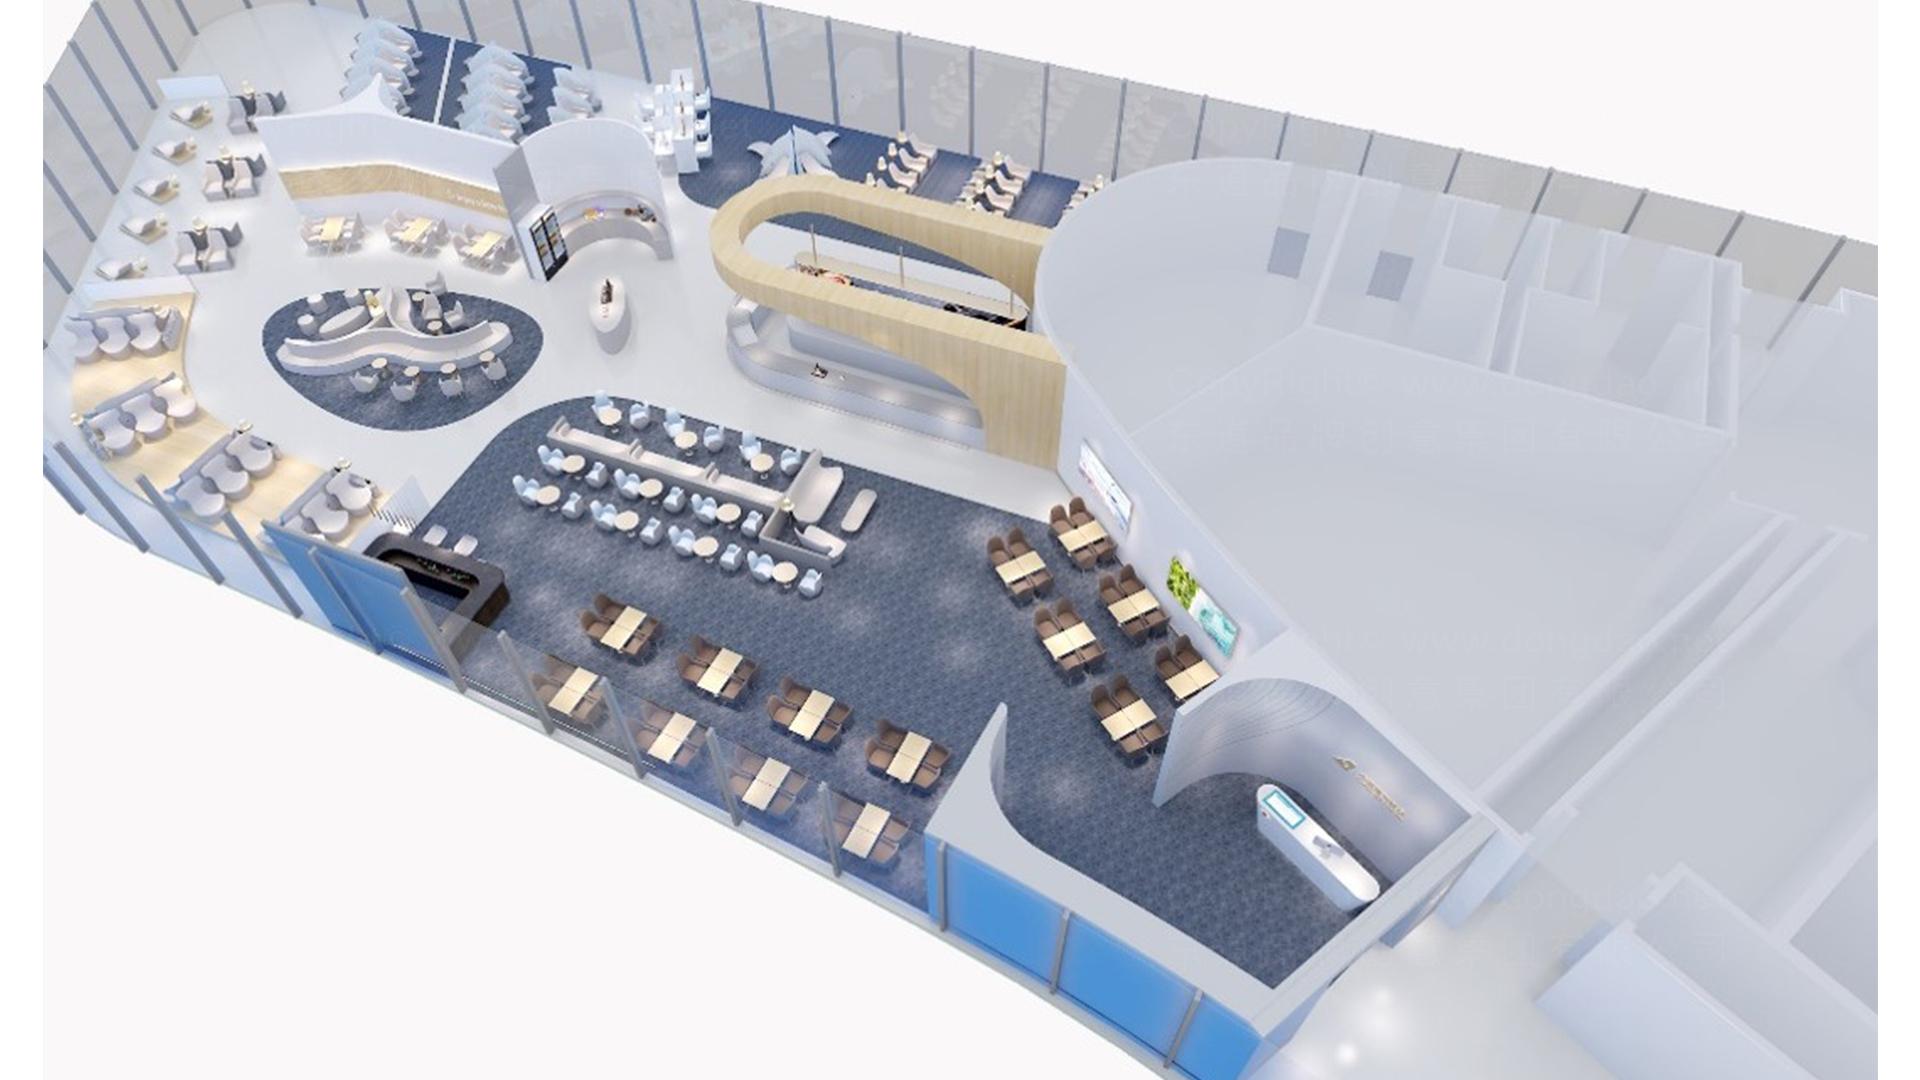 航空航天商业空间&导示南方航空南航上海浦东机场 S2 卫星听高端旅客休息室 SI